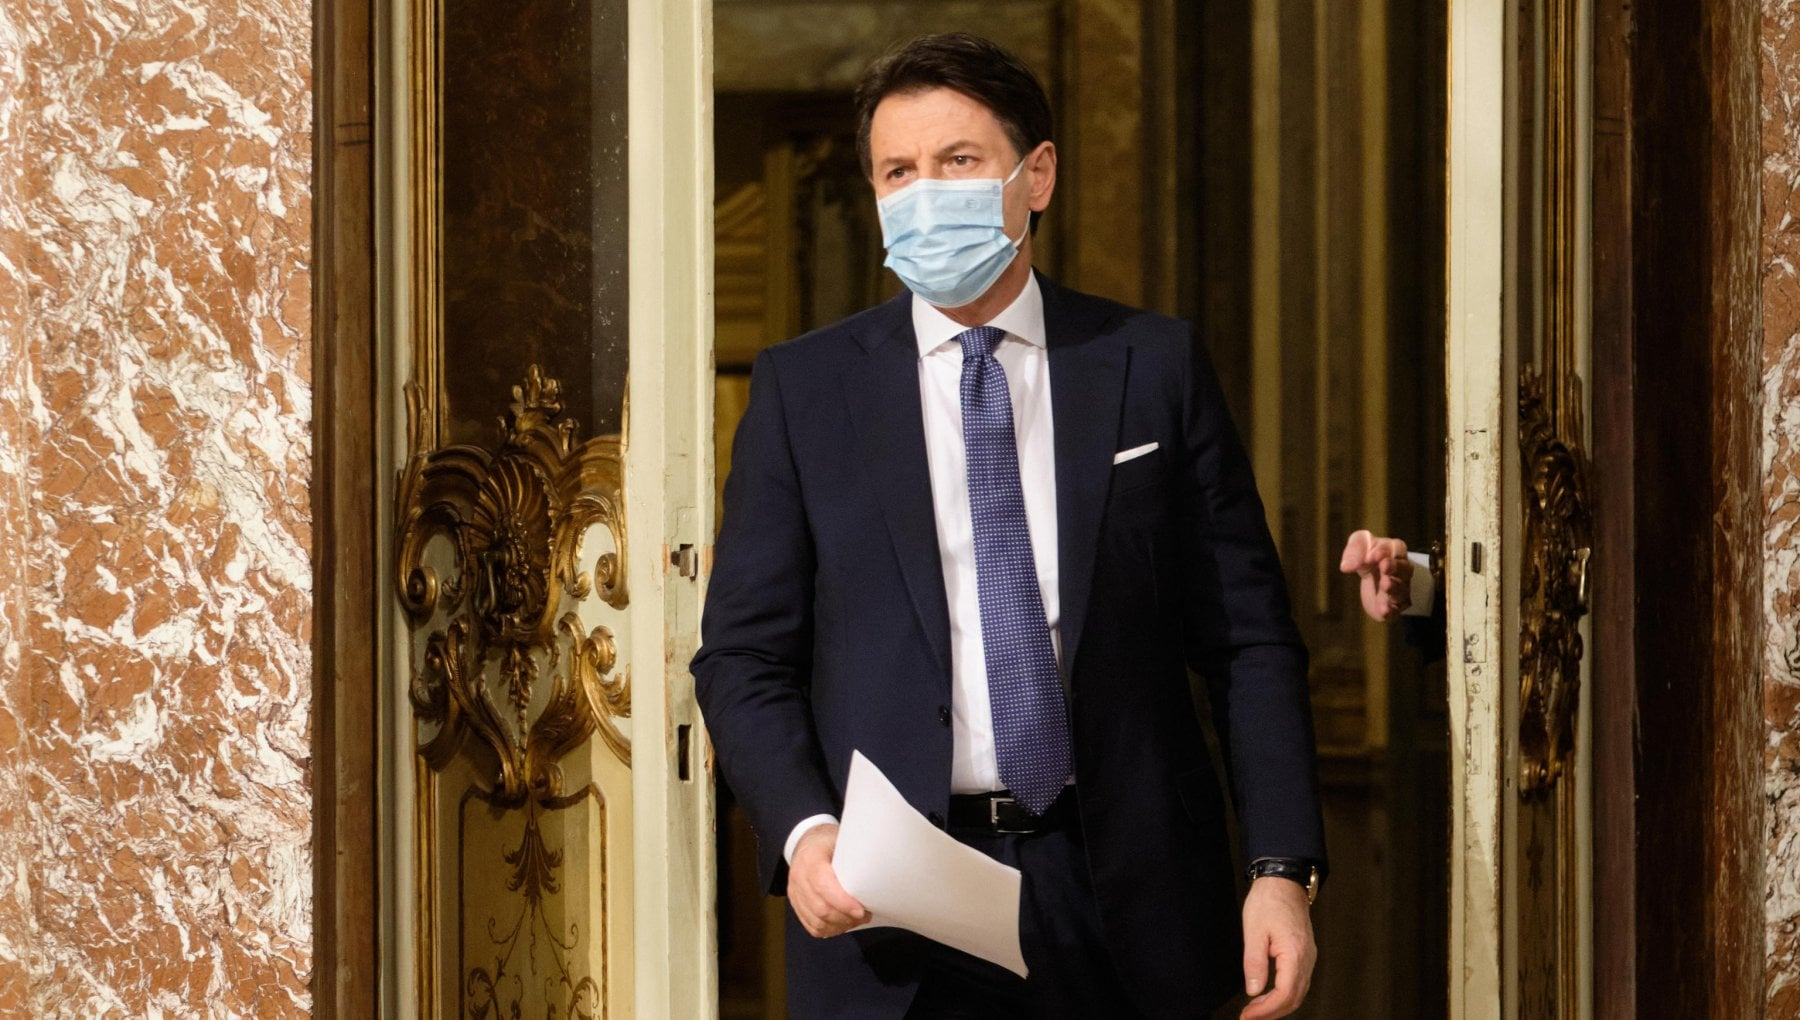 Prescrizione i renziani contro Conte Dove la commissione che ci avevi promesso